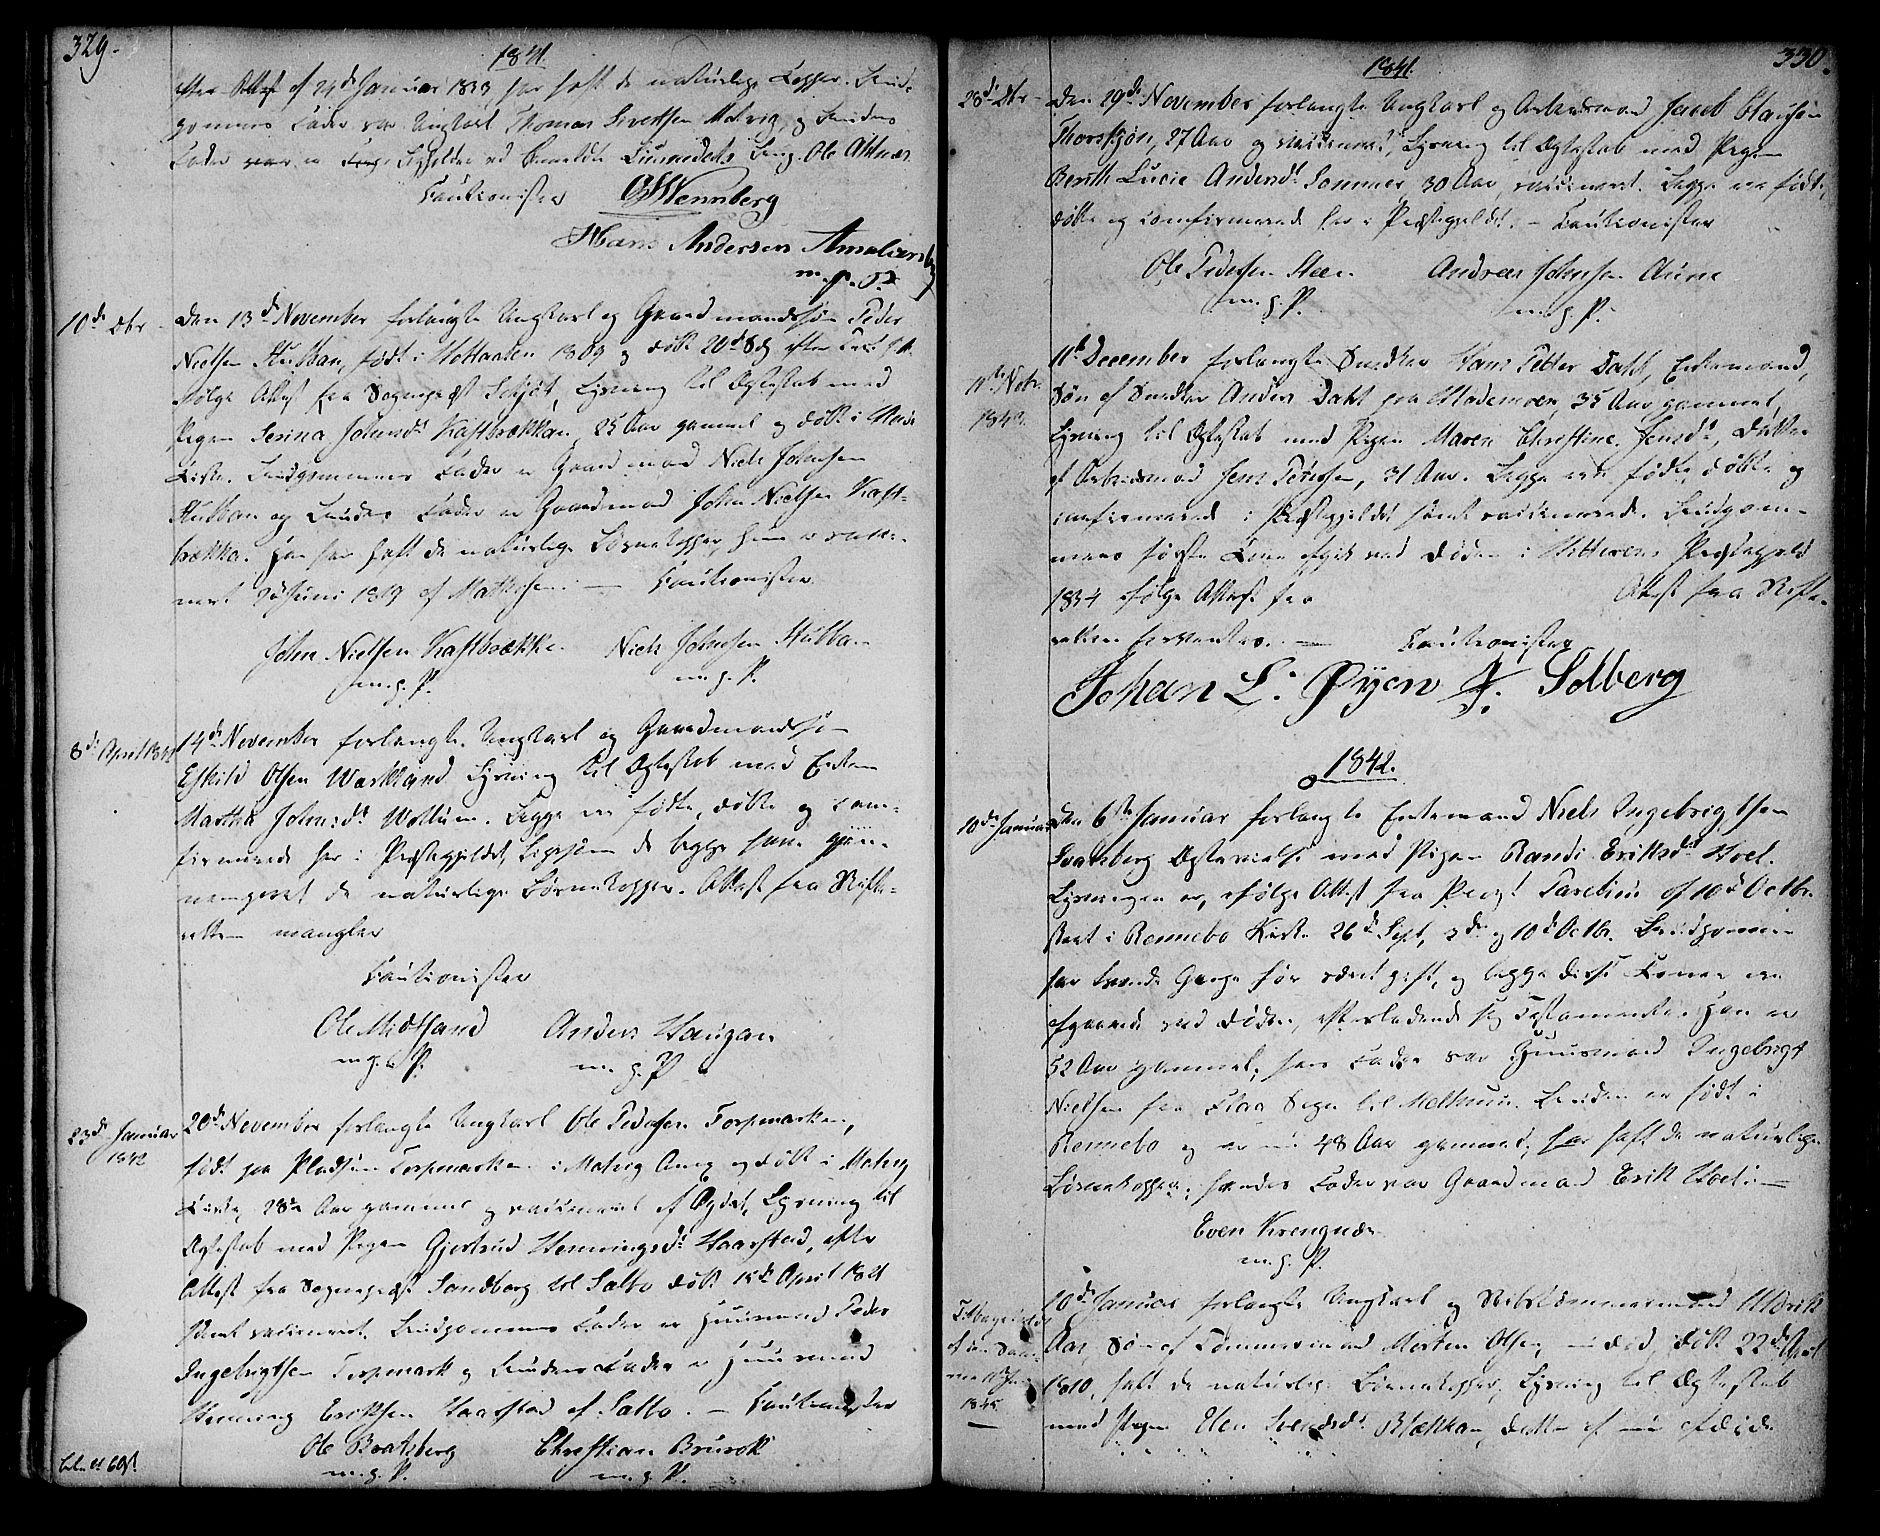 SAT, Ministerialprotokoller, klokkerbøker og fødselsregistre - Sør-Trøndelag, 604/L0181: Ministerialbok nr. 604A02, 1798-1817, s. 329-330